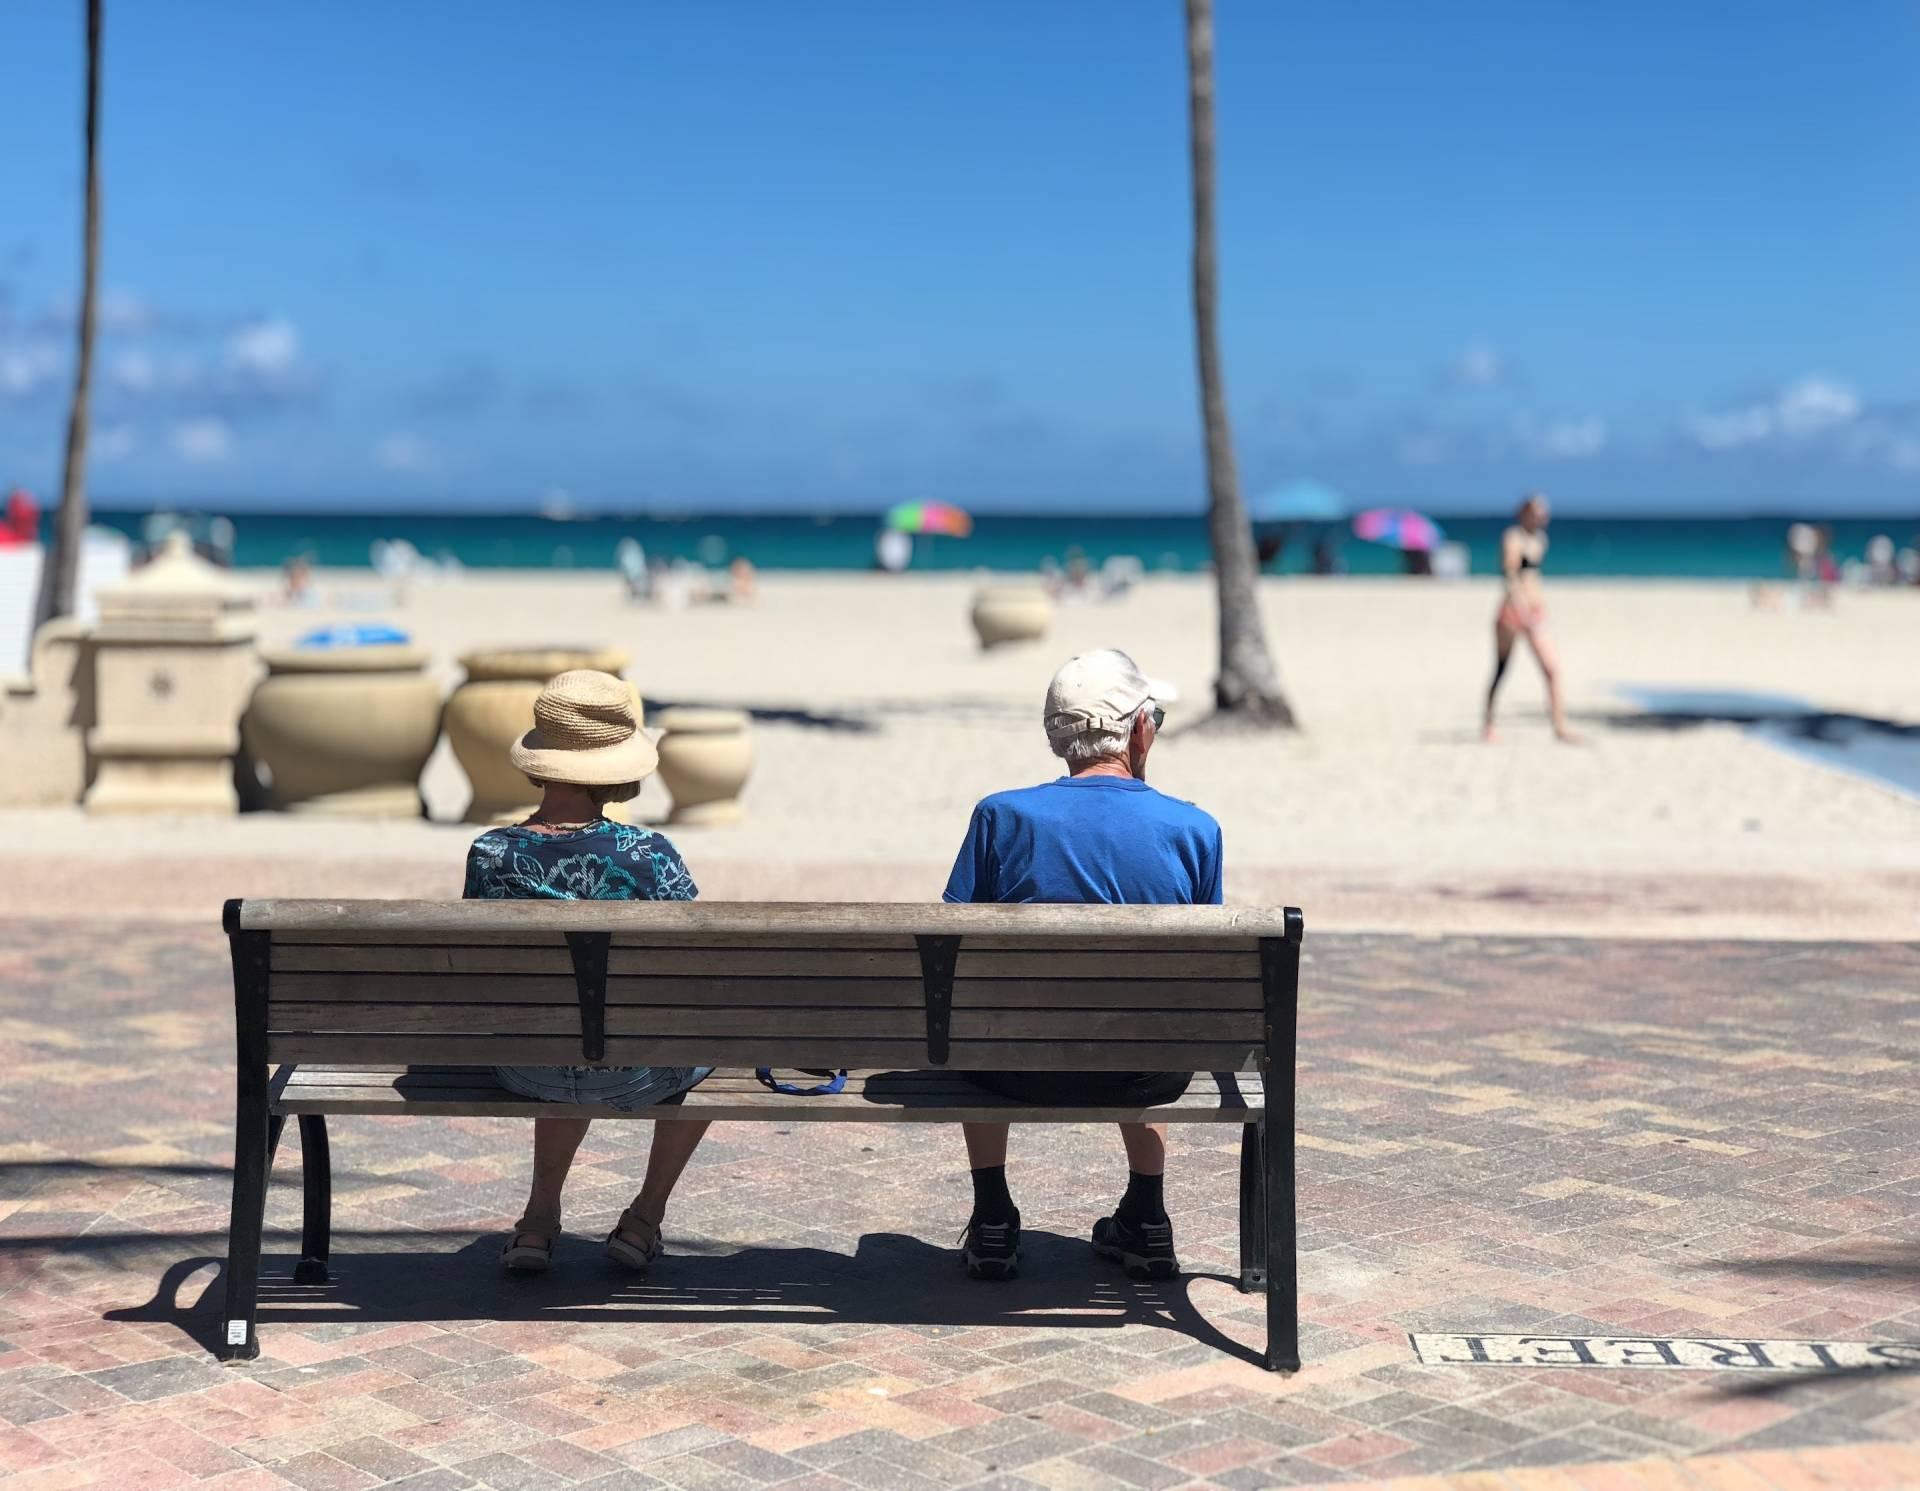 4 Strategies for Entrepreneurs to Plan for Retirement